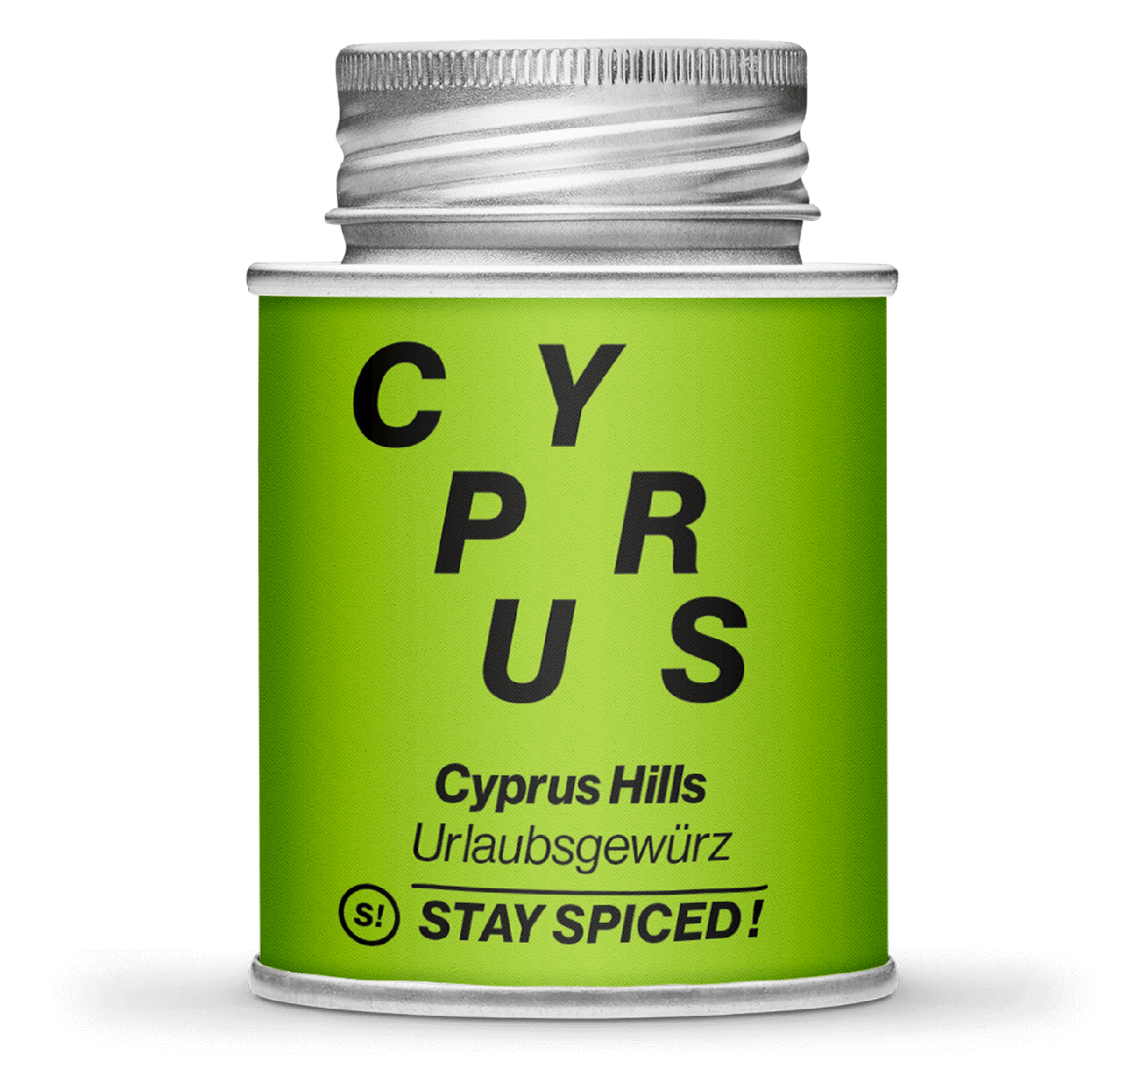 Gewürzzubereitung - Cyprus Hills - Urlaubsgewürz